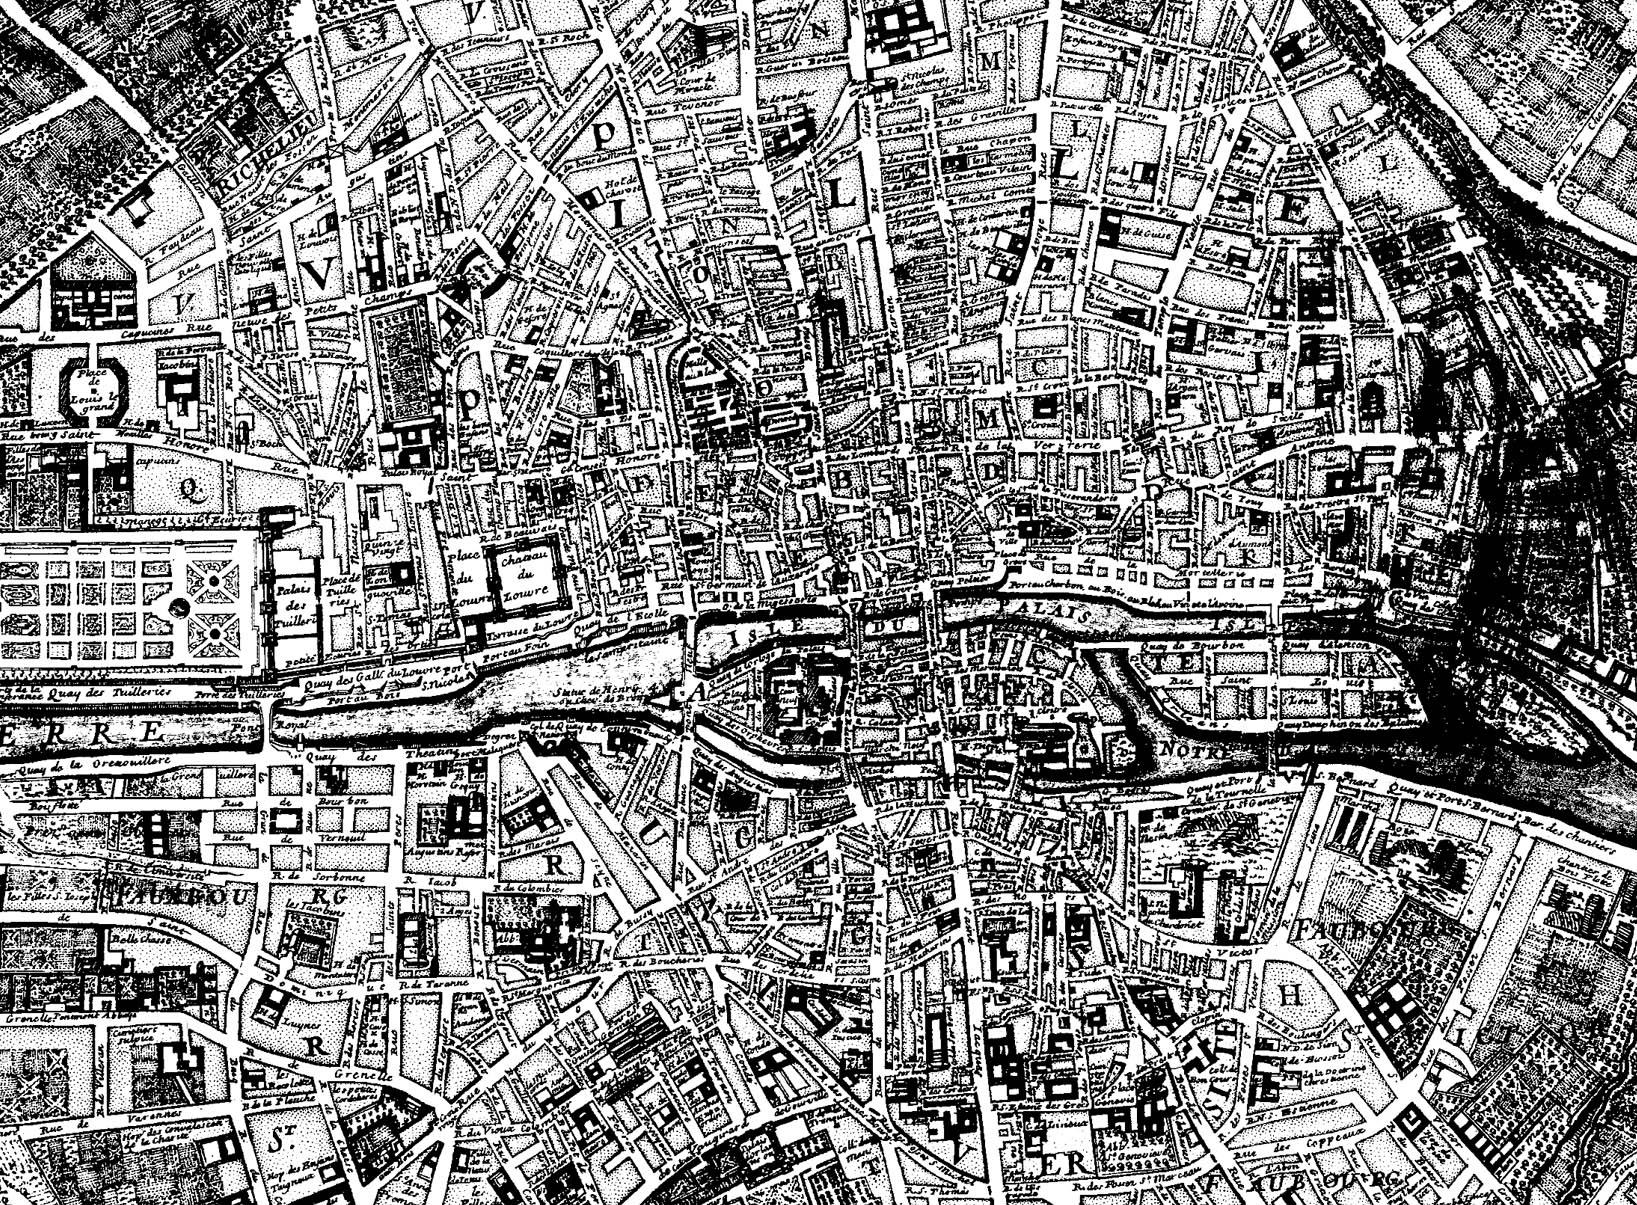 Un plan de Paris datant de 1750, avec des rues clairement définies, qu'il est possible de mettre en couleurA partir de la galerie : Paris